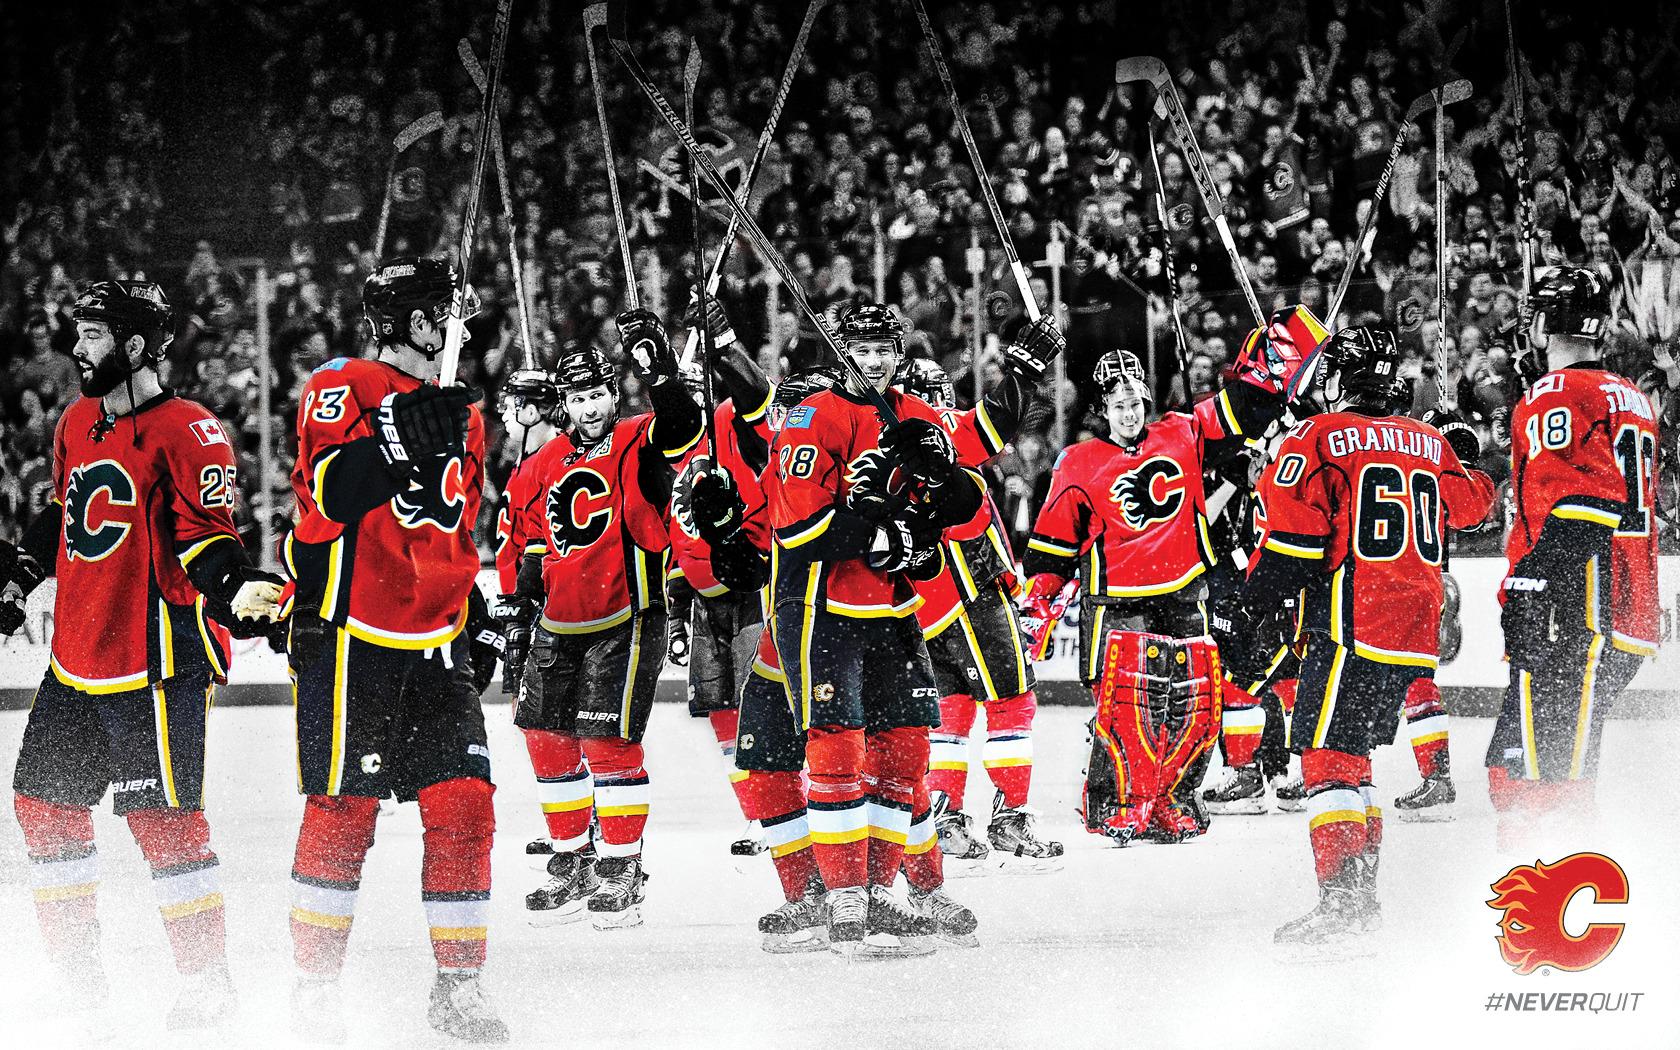 46 Calgary Flames Wallpaper 2015 On Wallpapersafari